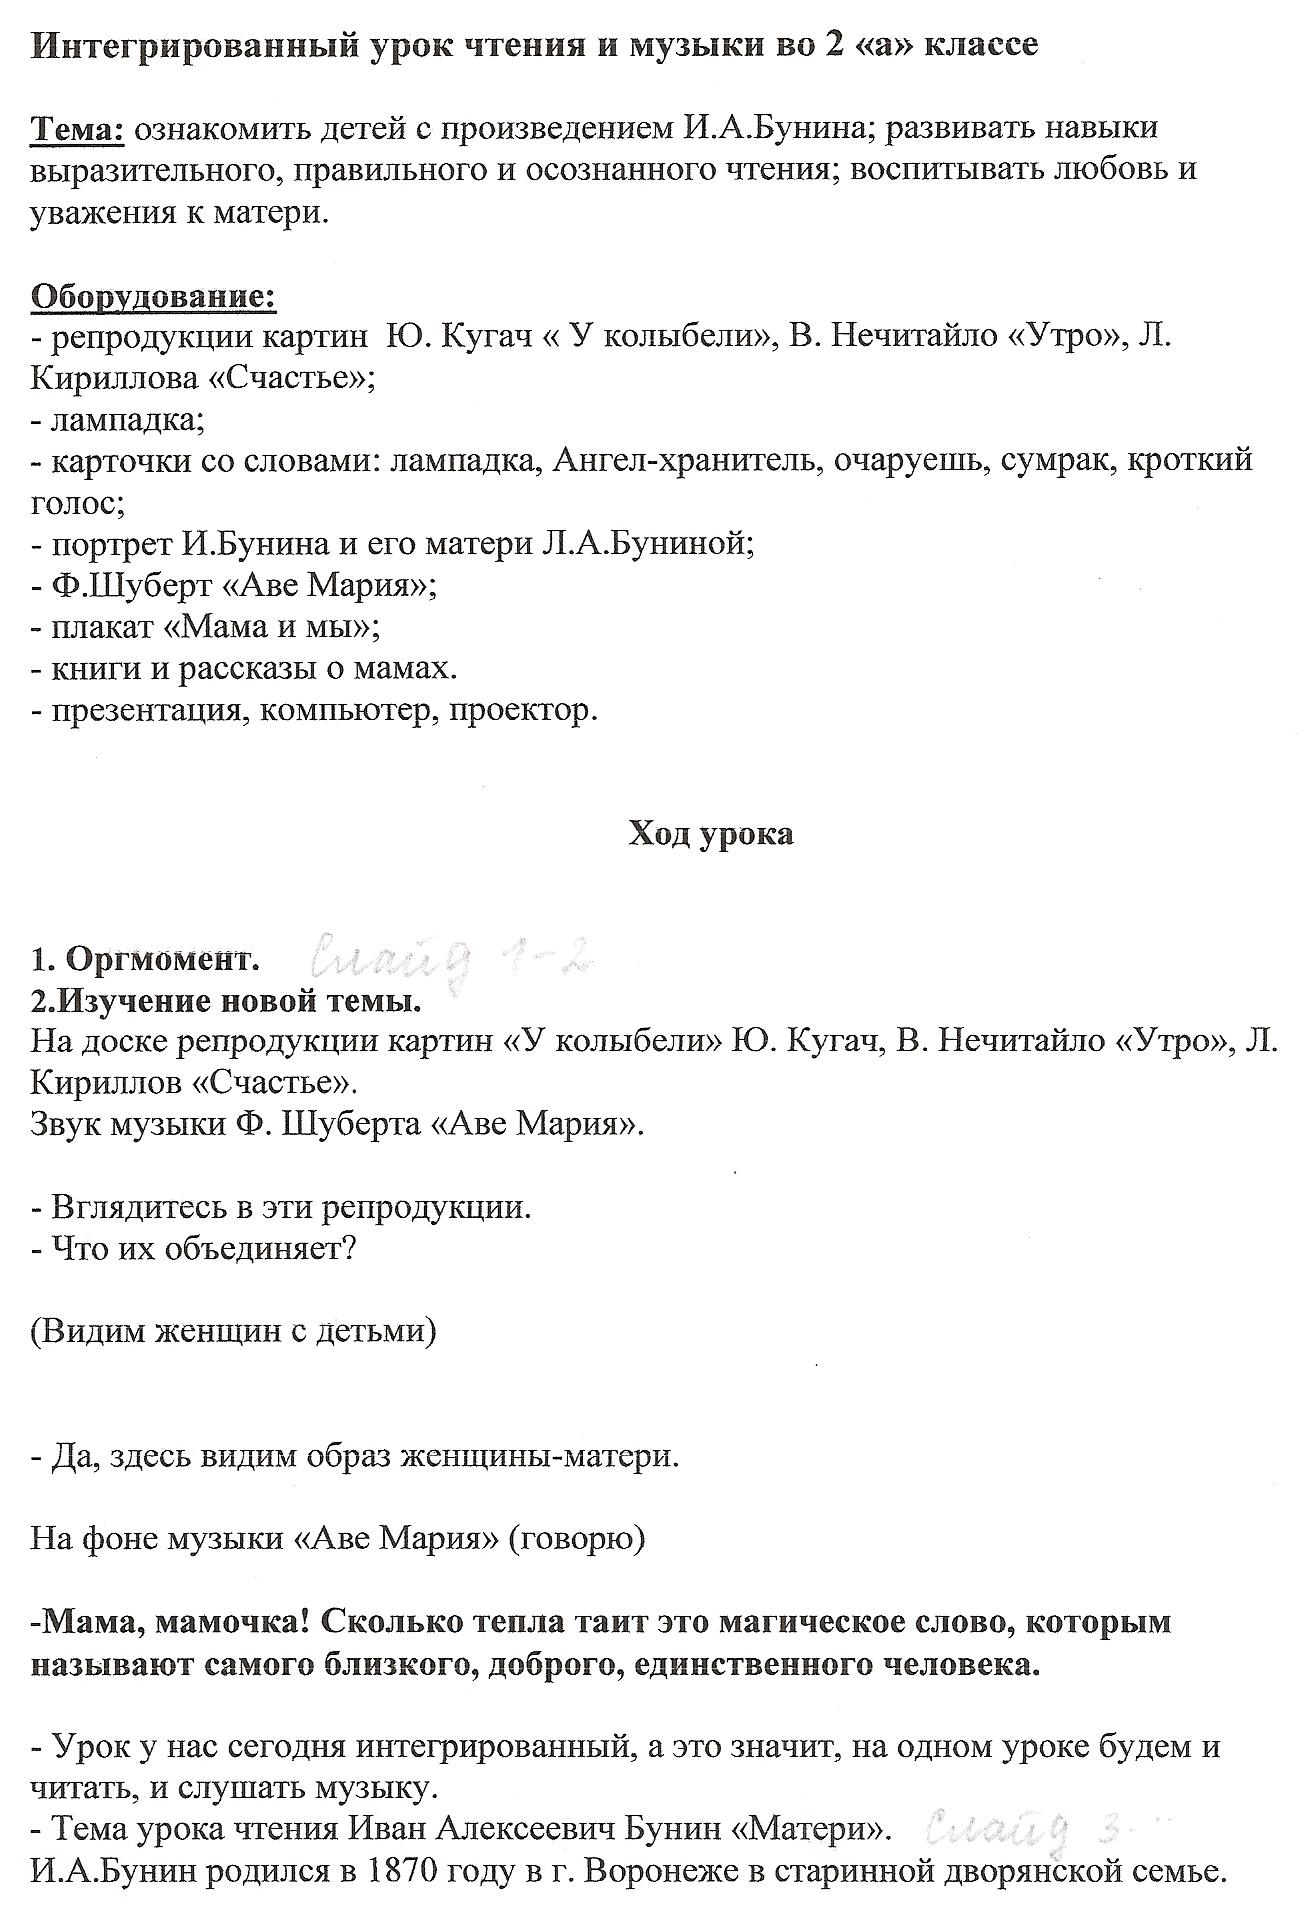 C:\Users\Сергей\Pictures\Мои сканированные изображения\сканирование0043.jpg